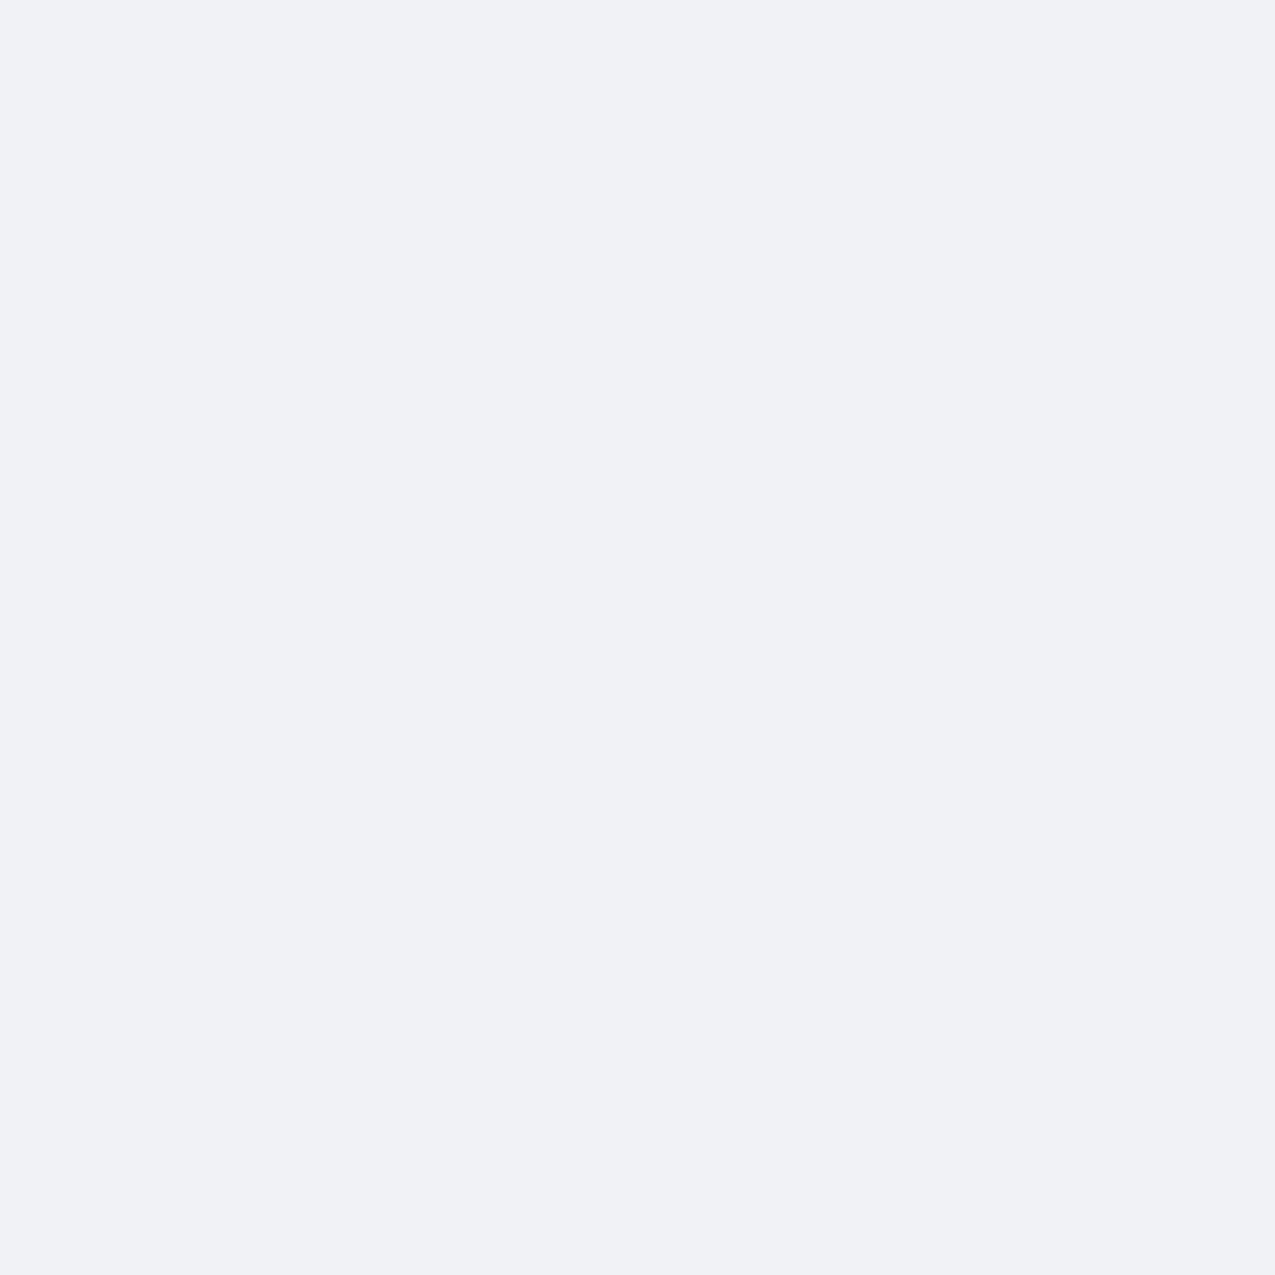 Paulina Herpel auf SUP Board in Oslo